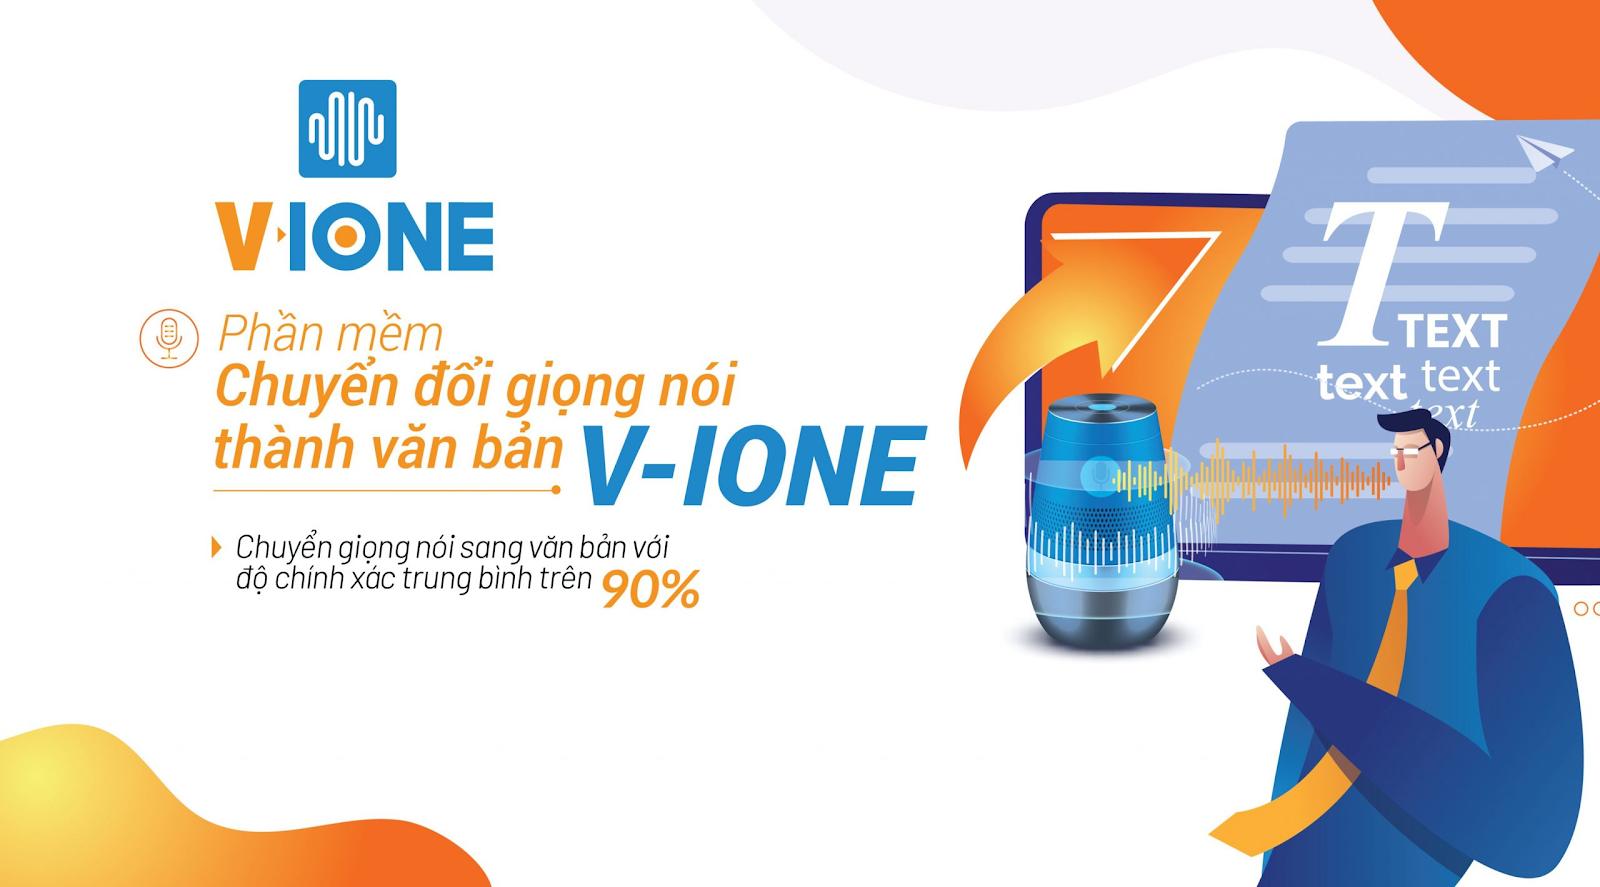 Phần mềm chuyển giọng nói thành văn bản V-IONE có độ nhận dạng chính xác lên tới 98%